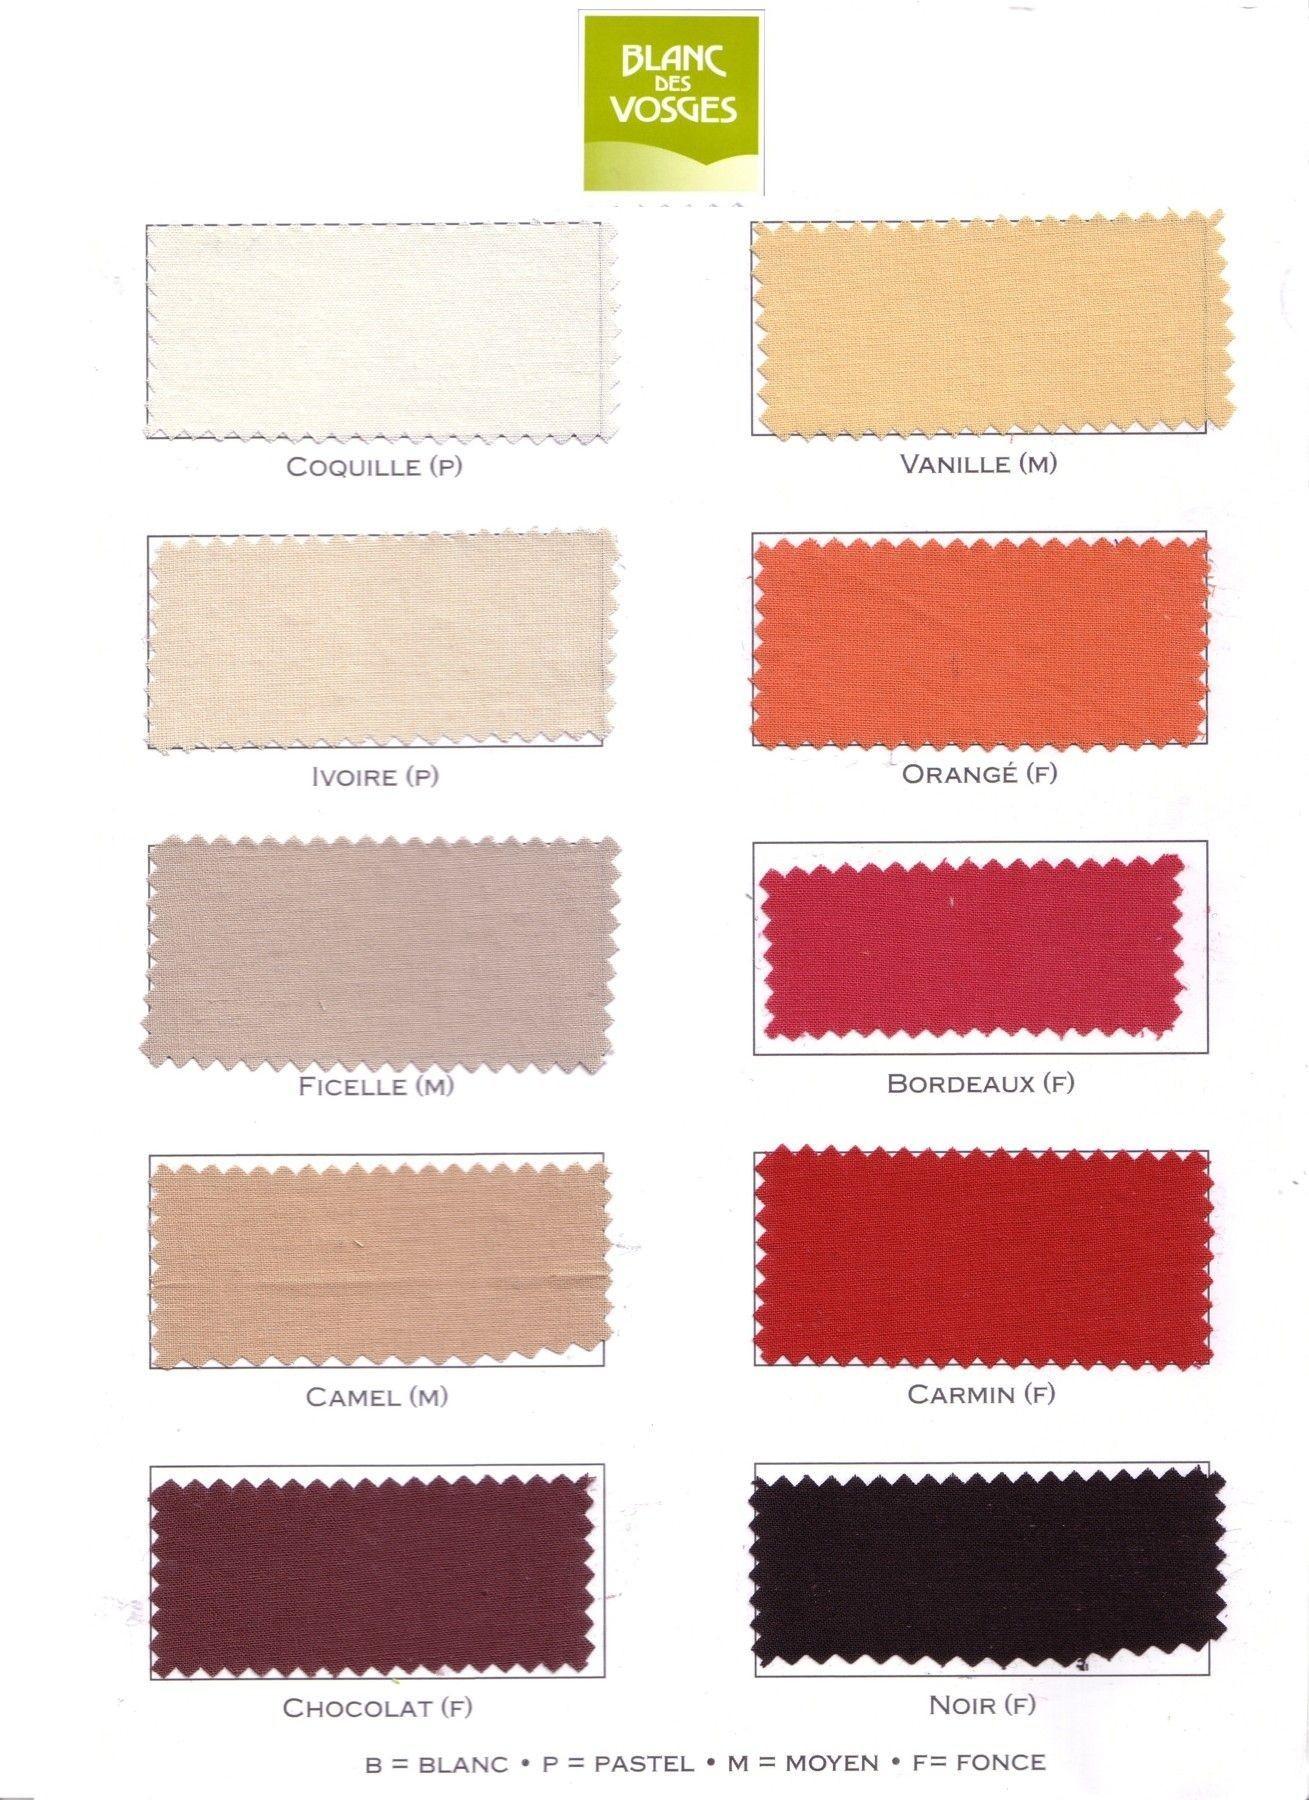 achat housse de couette 100 coton blanc des vosges pas cher avenue literie. Black Bedroom Furniture Sets. Home Design Ideas